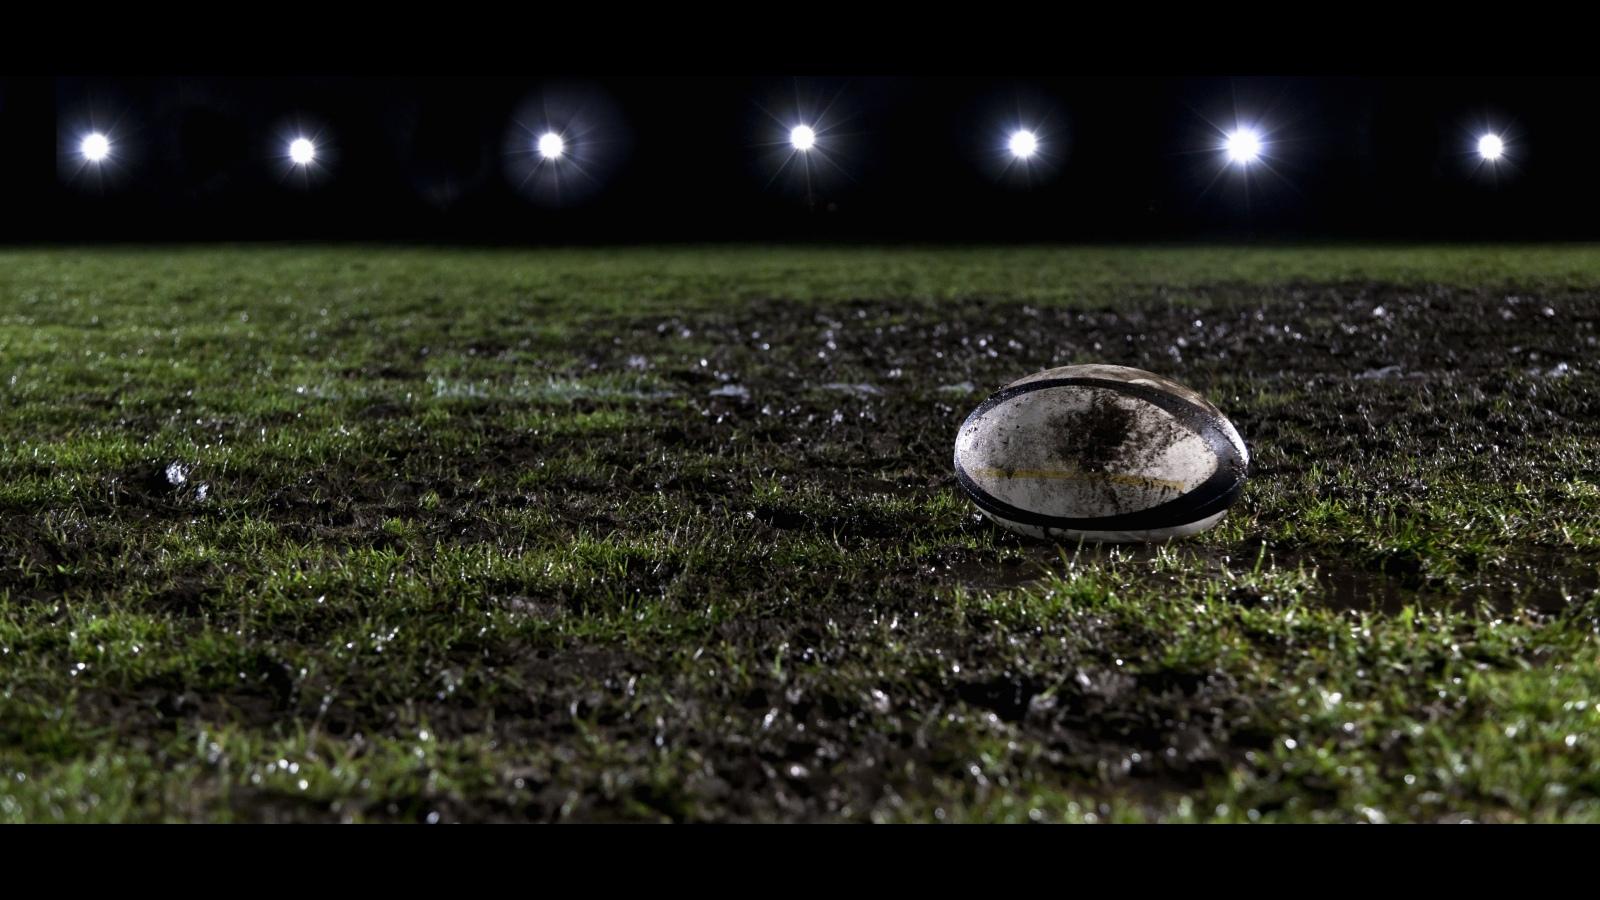 Ballon_de_Rugby_fond_ecran.jpg